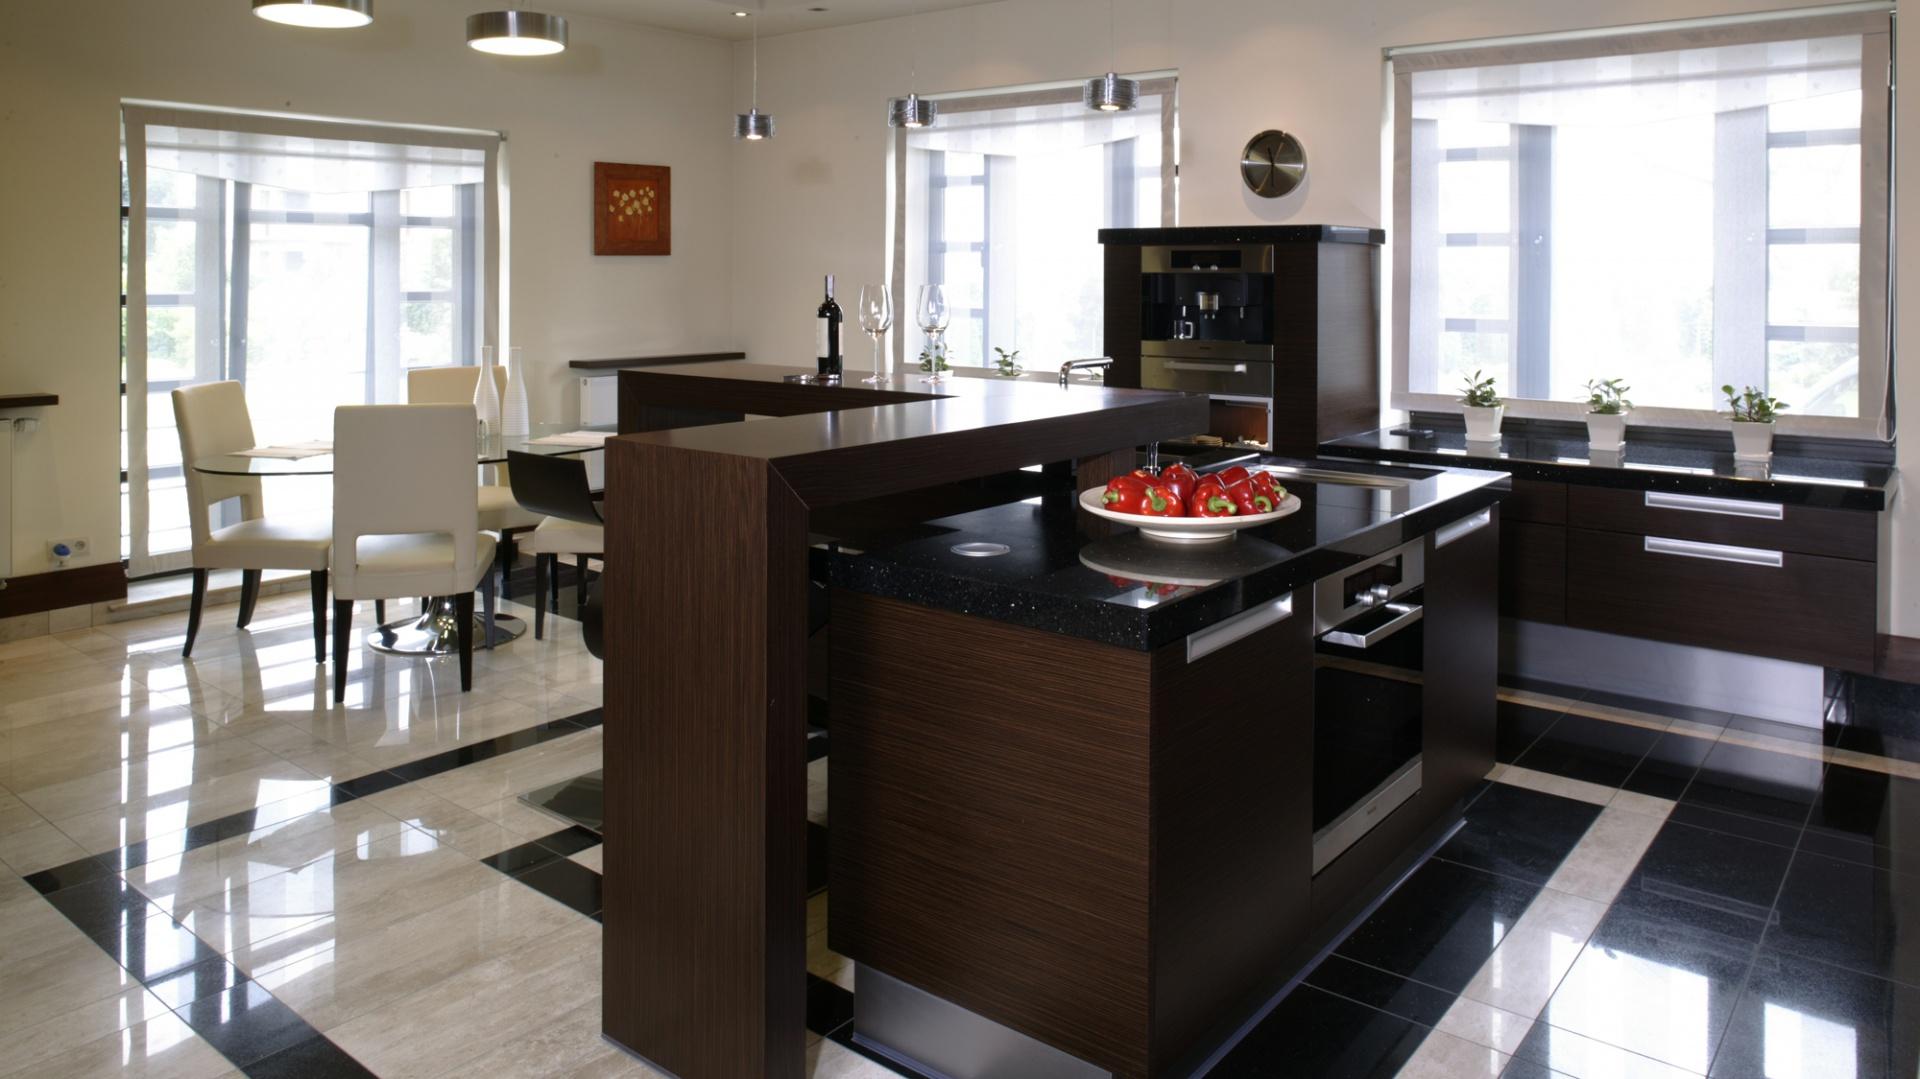 W kuchni mamy smakowitą grę odcieni czekolady i kremu. Meble w fornirze wengé (A-Z Kuchnia) kontrastują z marmurowymi fragmentami podłogi. Fot. Monika Filipiuk.